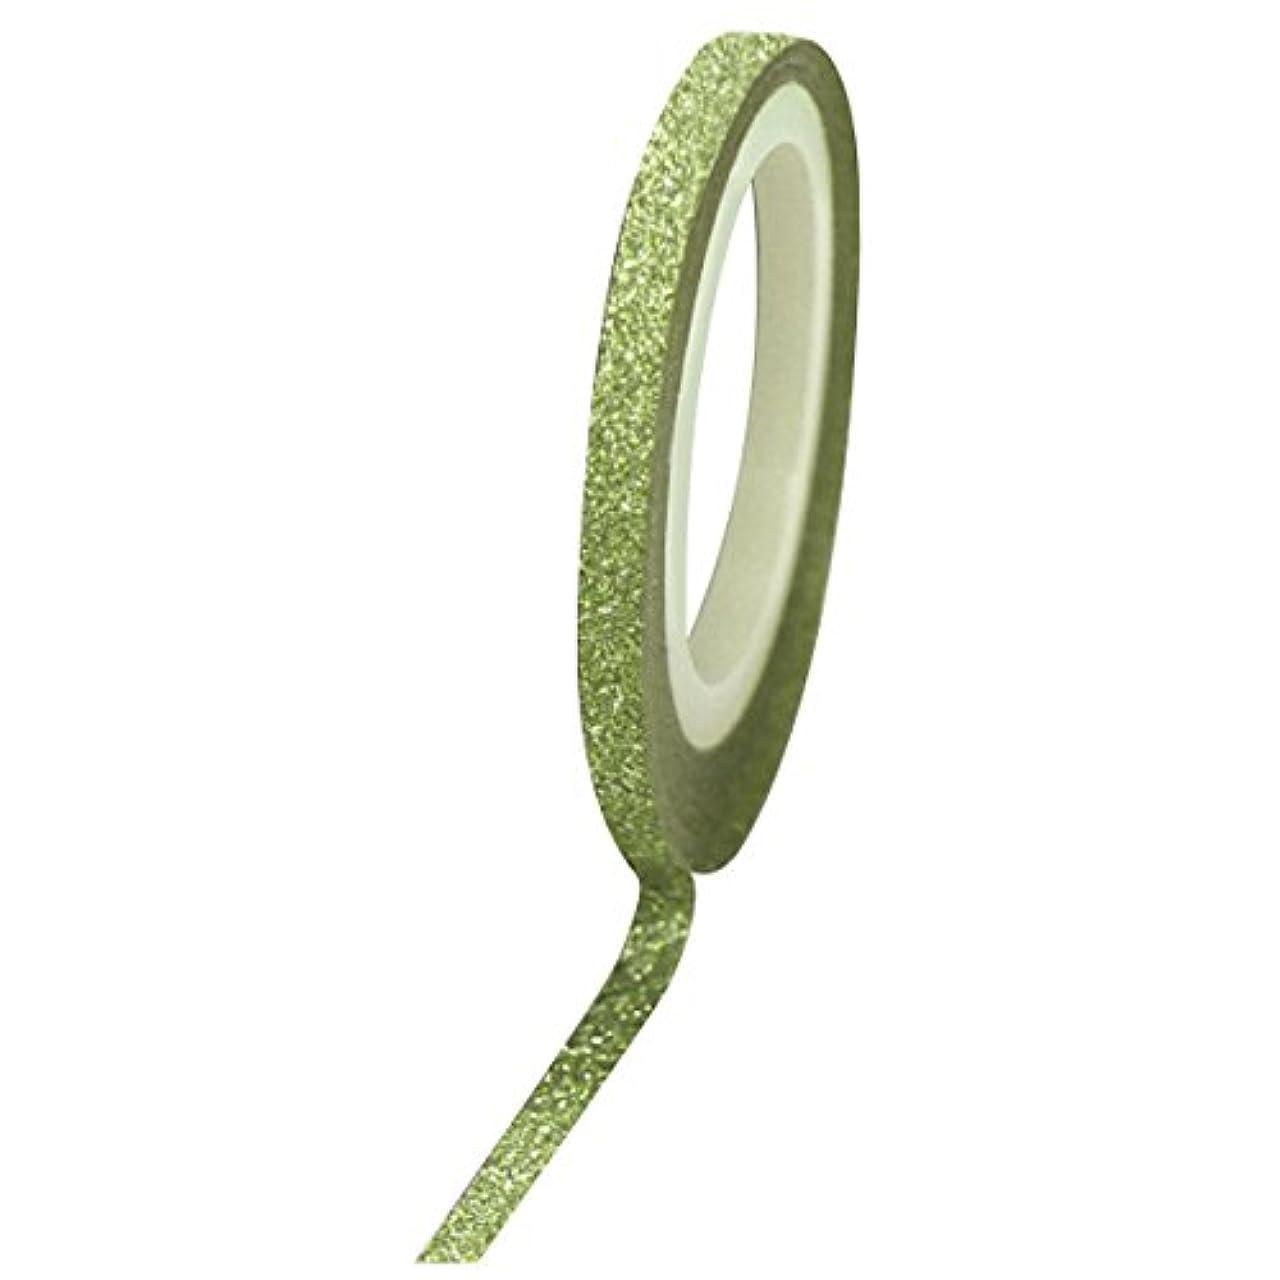 の慈悲で虫スリラーBonnail グリッターラインテープ 1mm グリーンラメ